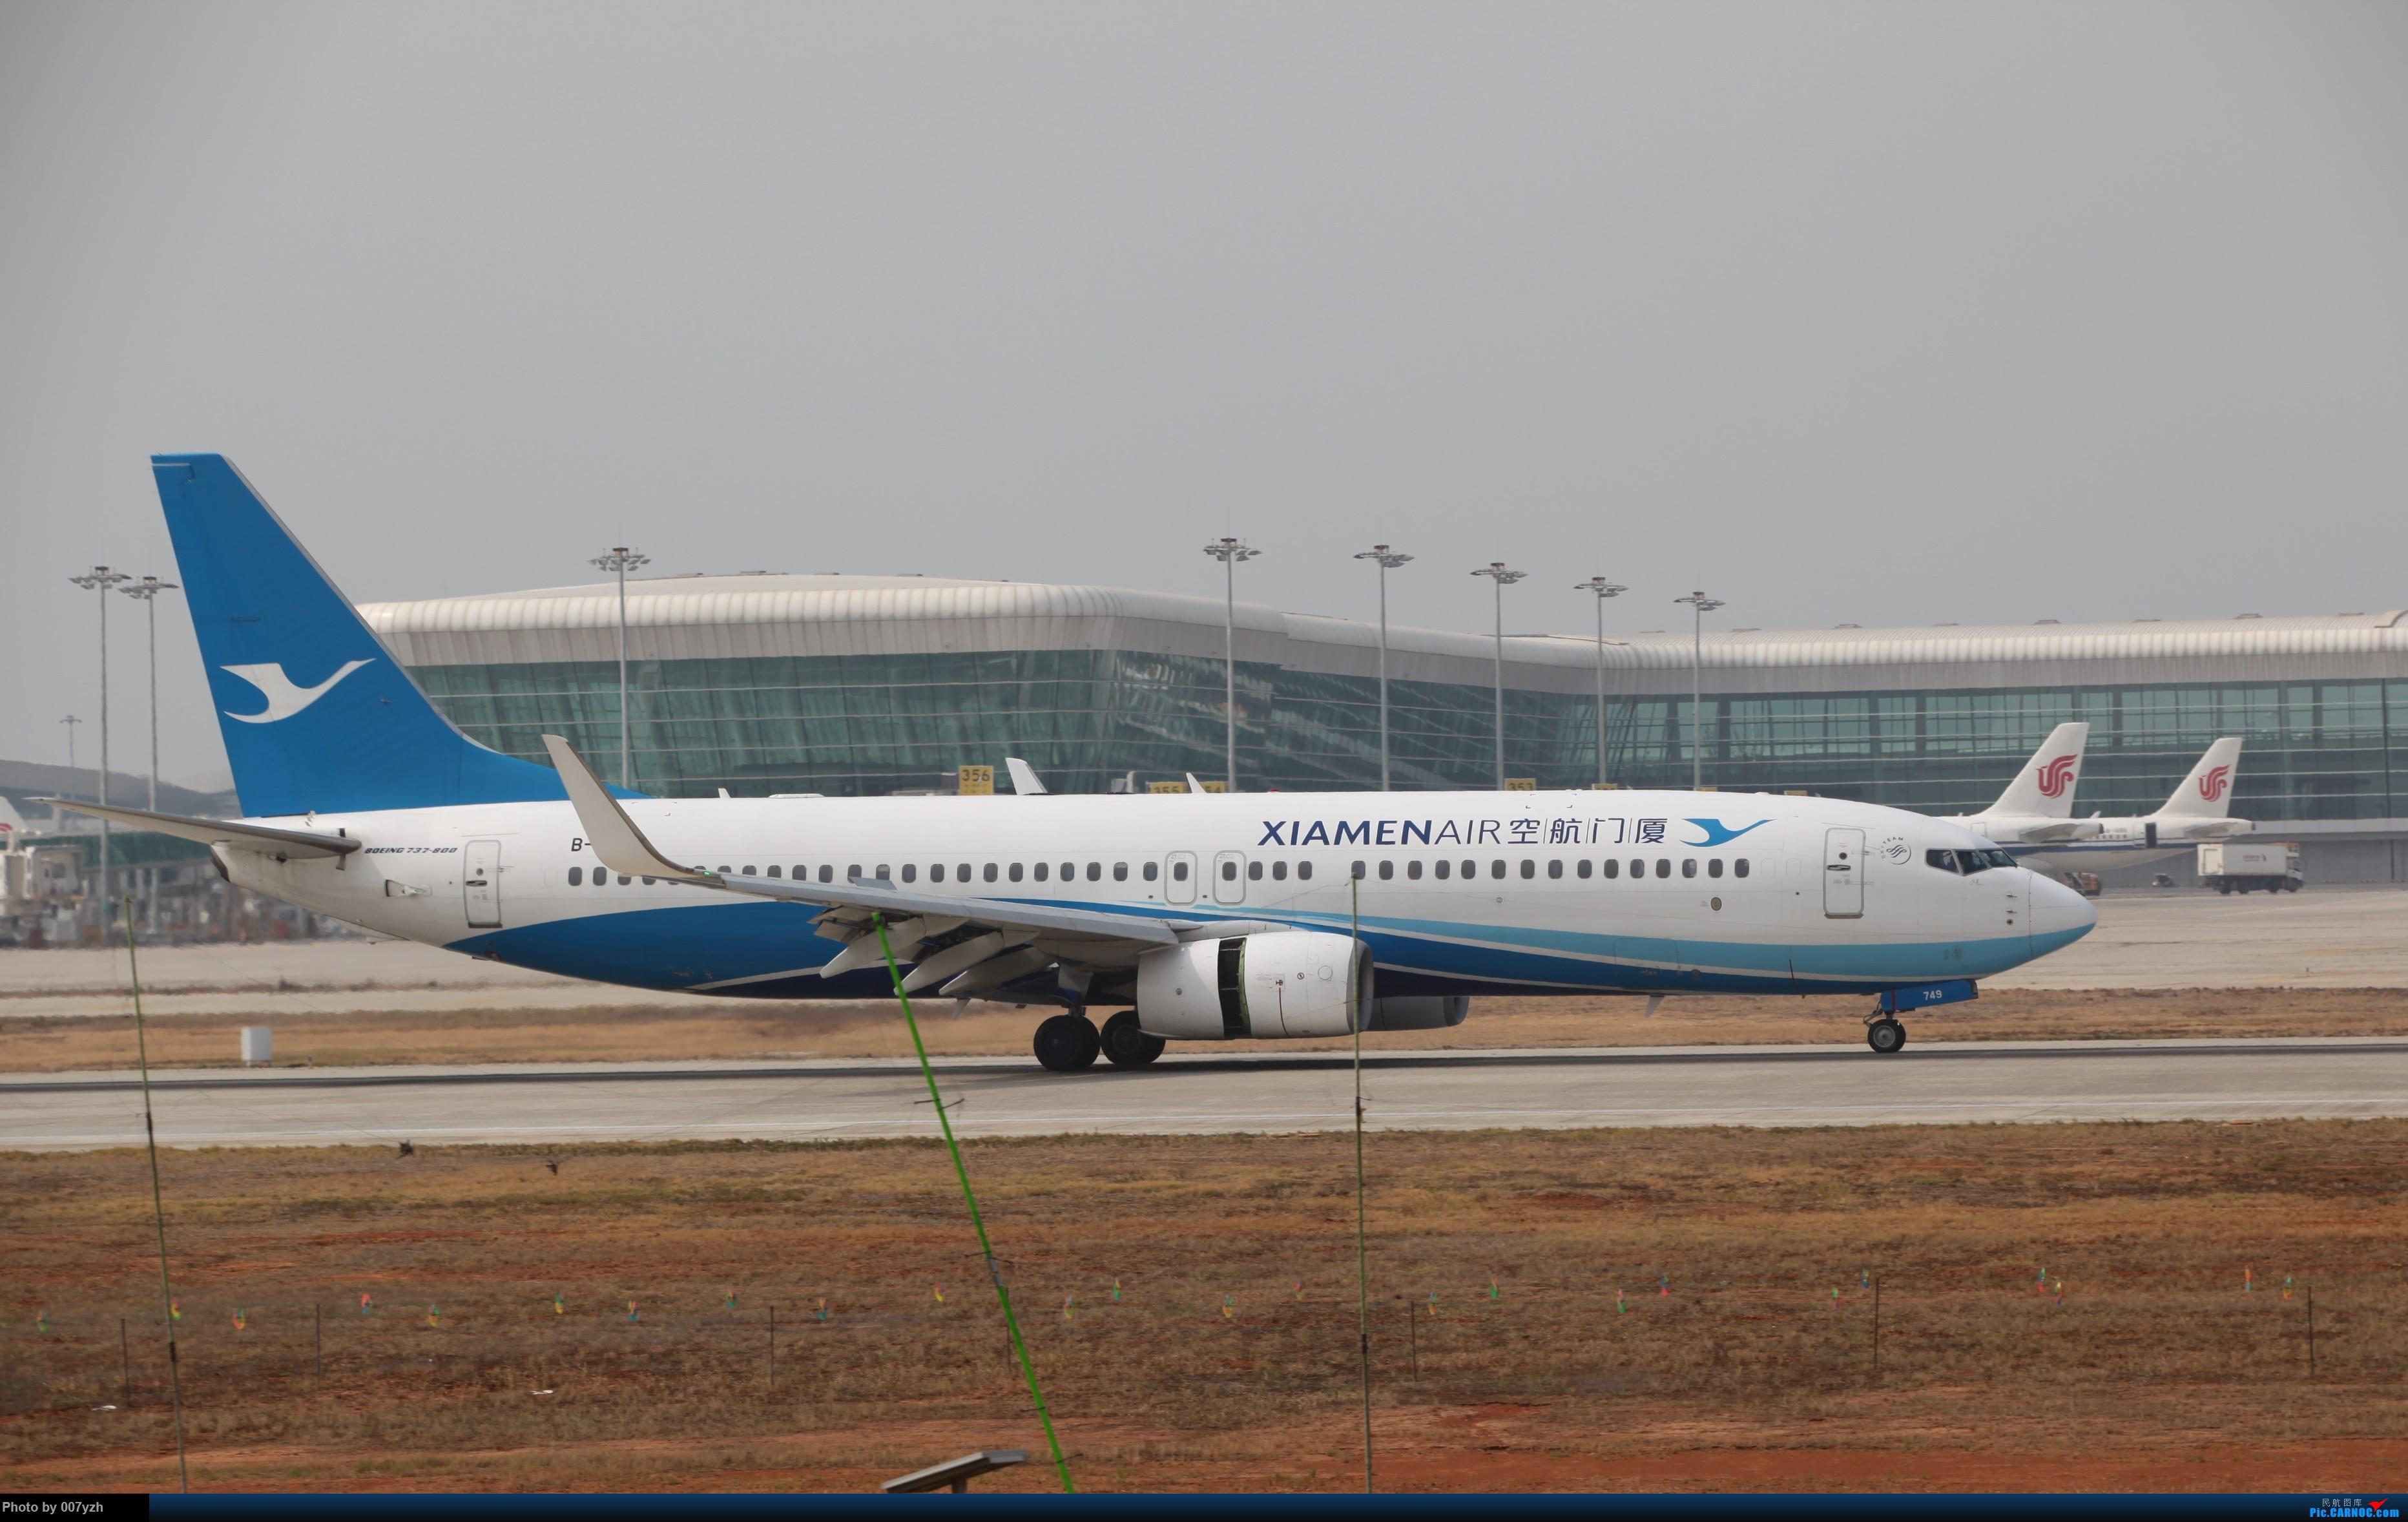 Re:[原创]WUH小拍,终于找到了在WUH拍机的组织 BOEING 737-800 B-1749 中国武汉天河国际机场